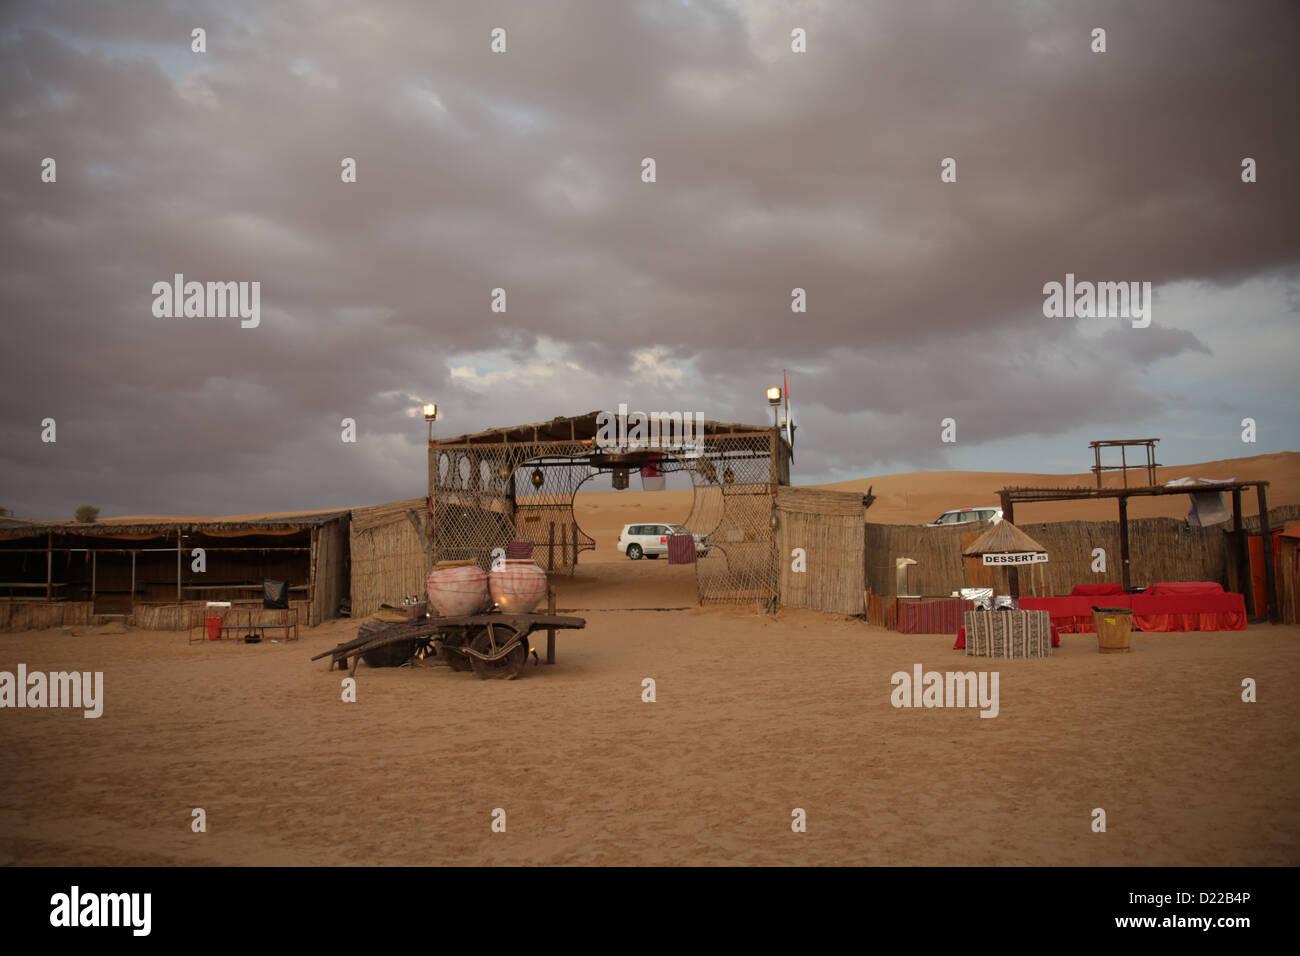 im Freien Schuss der Wüste Stockbild